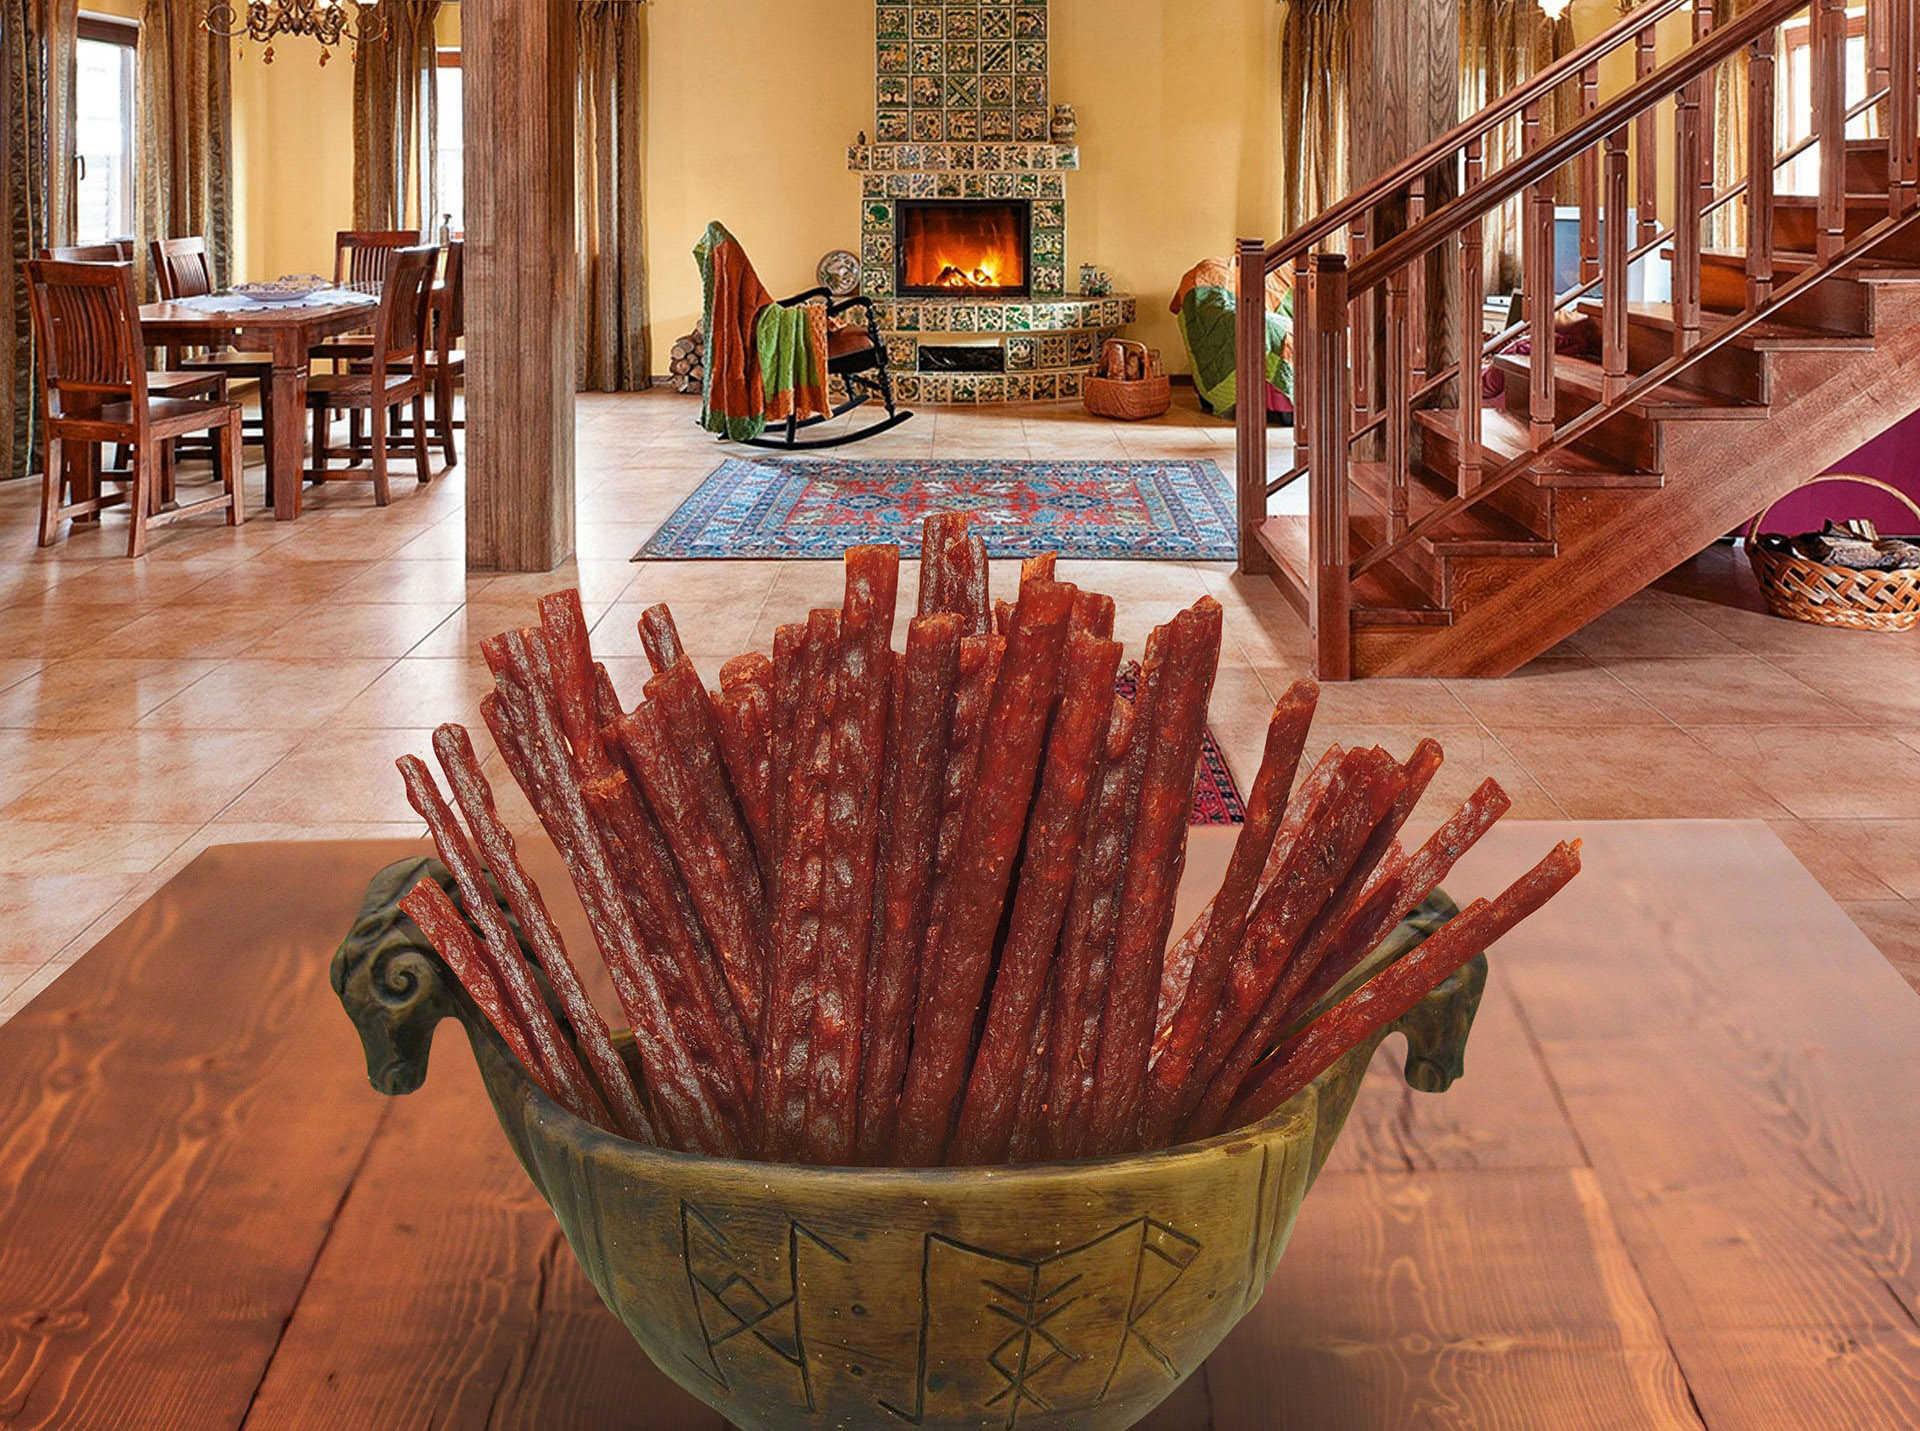 Снеки - палочки из лосося Snacks - Salmon Sticks